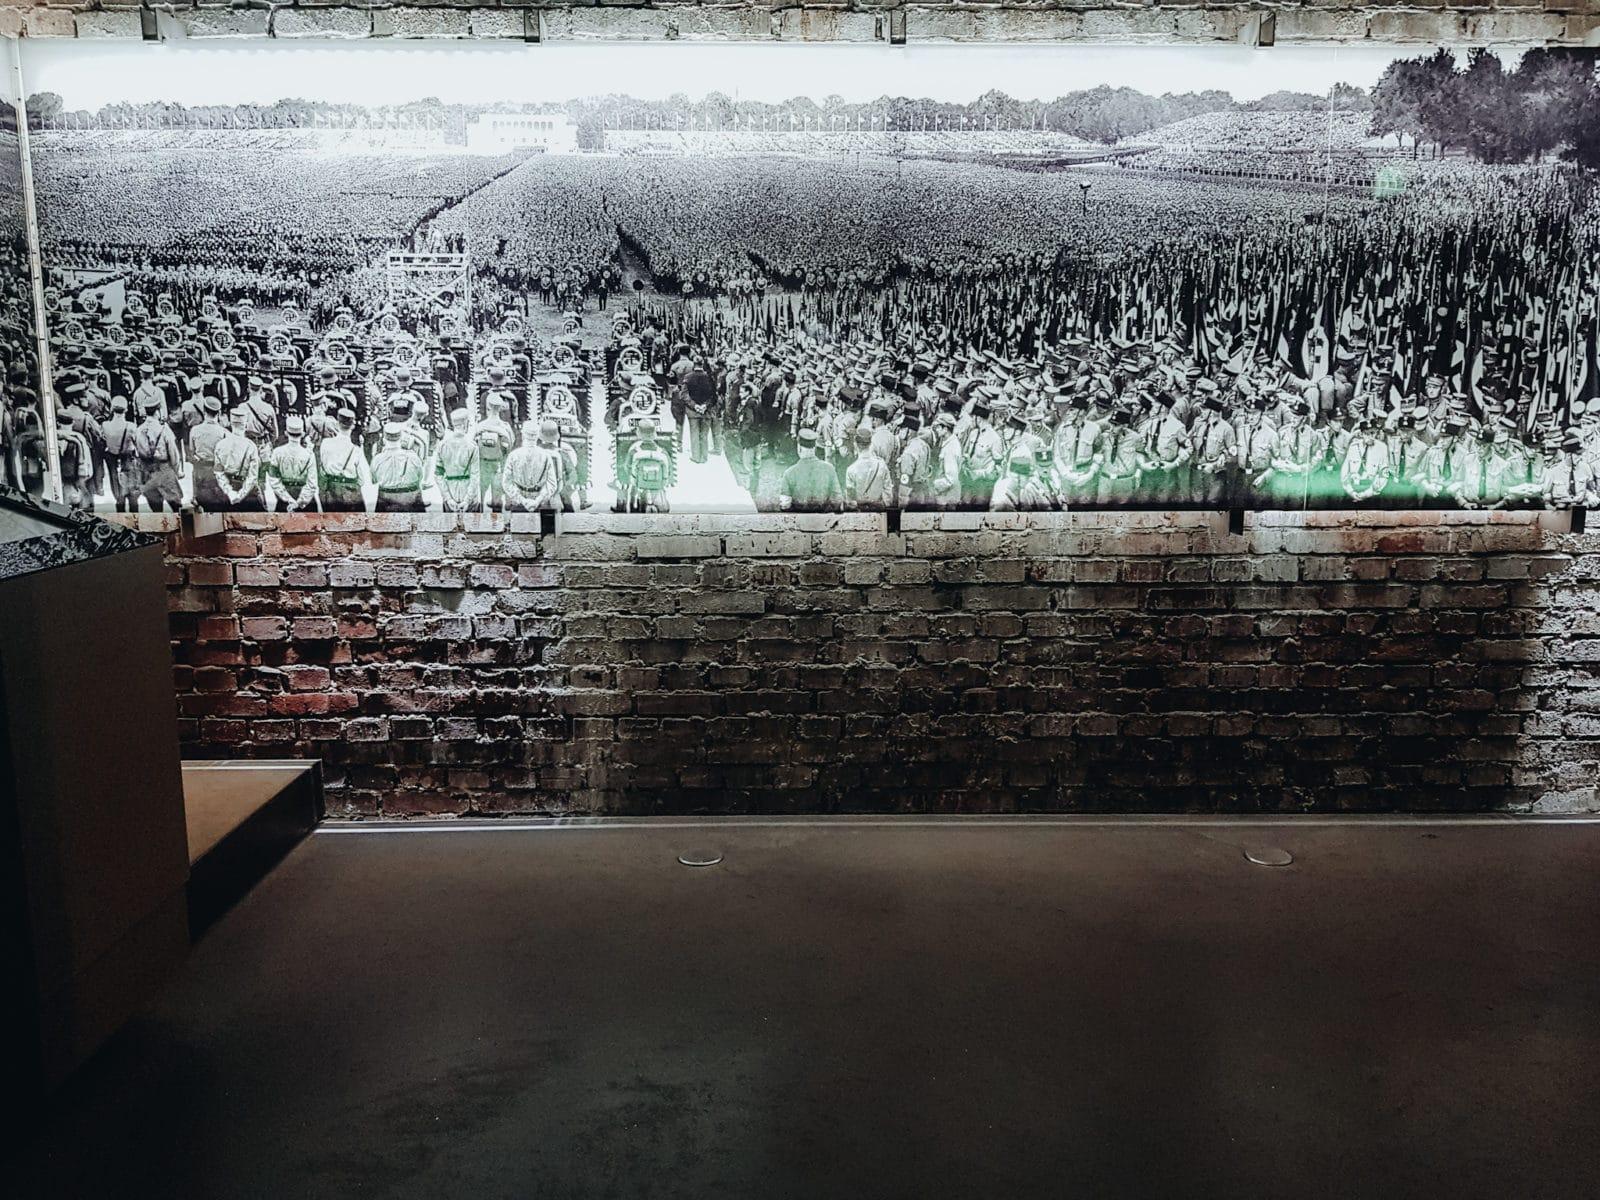 Nürnberg Sehenswürdigkeiten Austellung Dokumentationszentrum Reichsparteitagsgelände